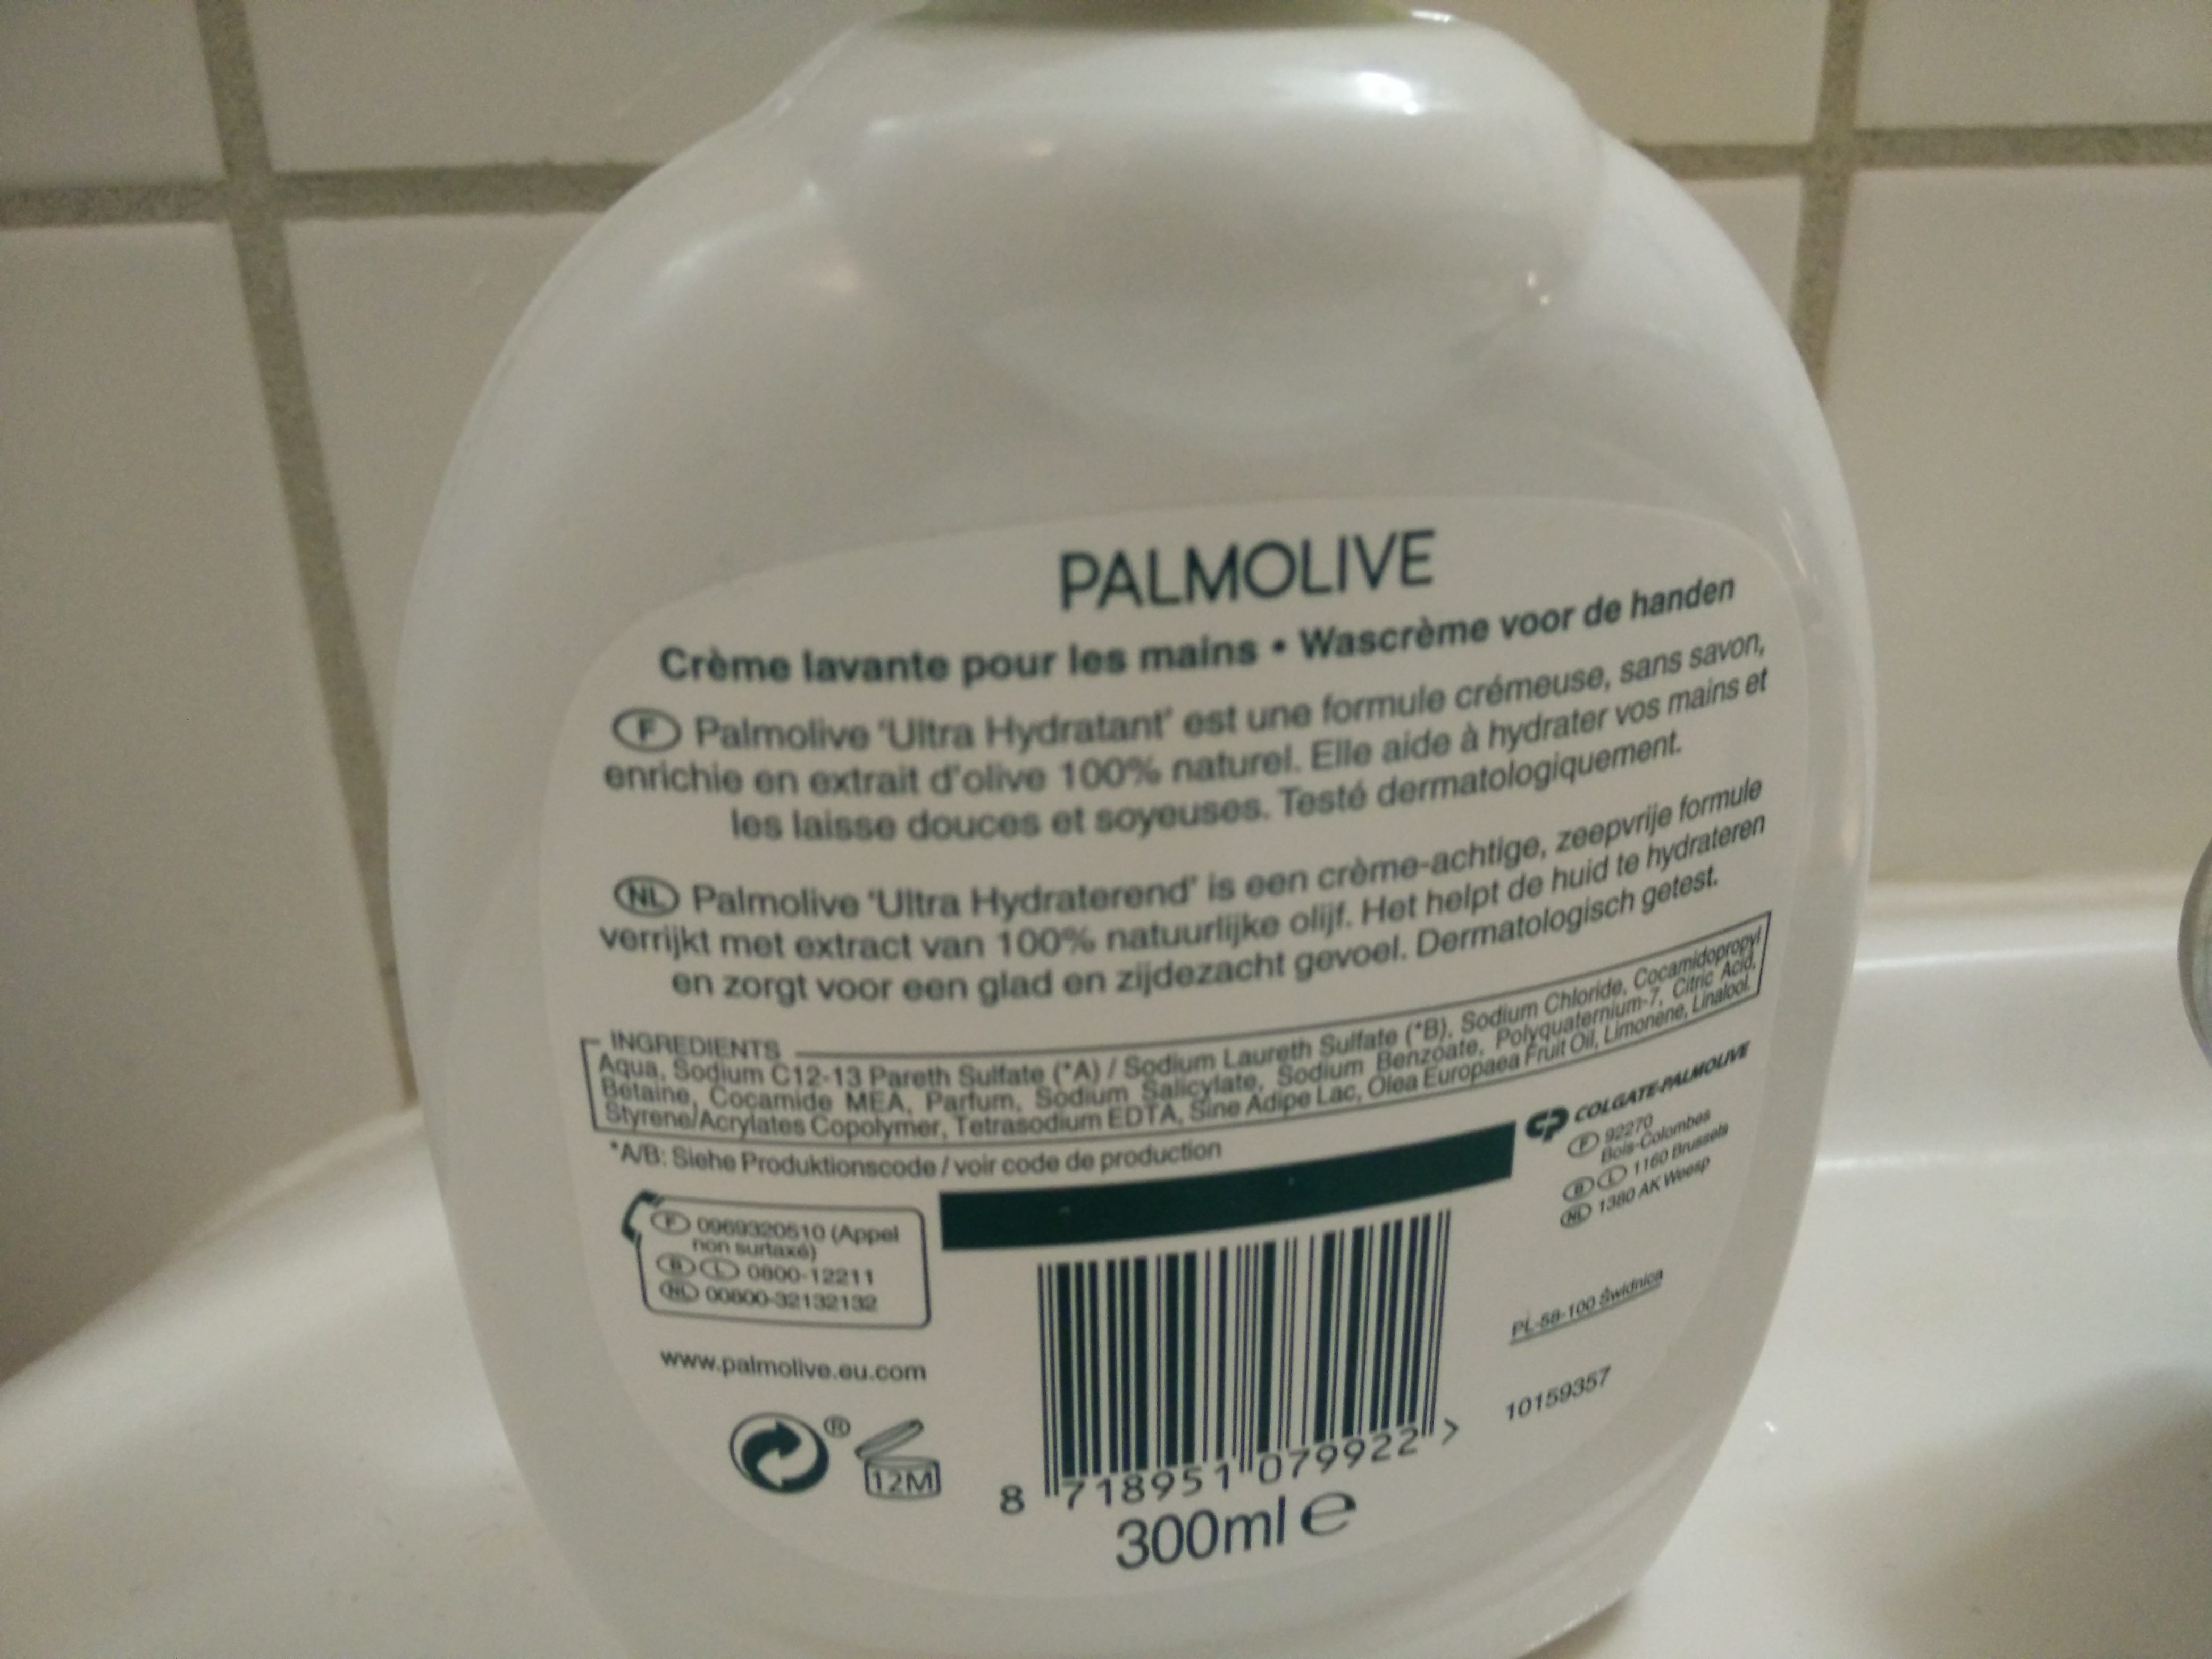 Crème lavante pour les mains - Ingredients - de